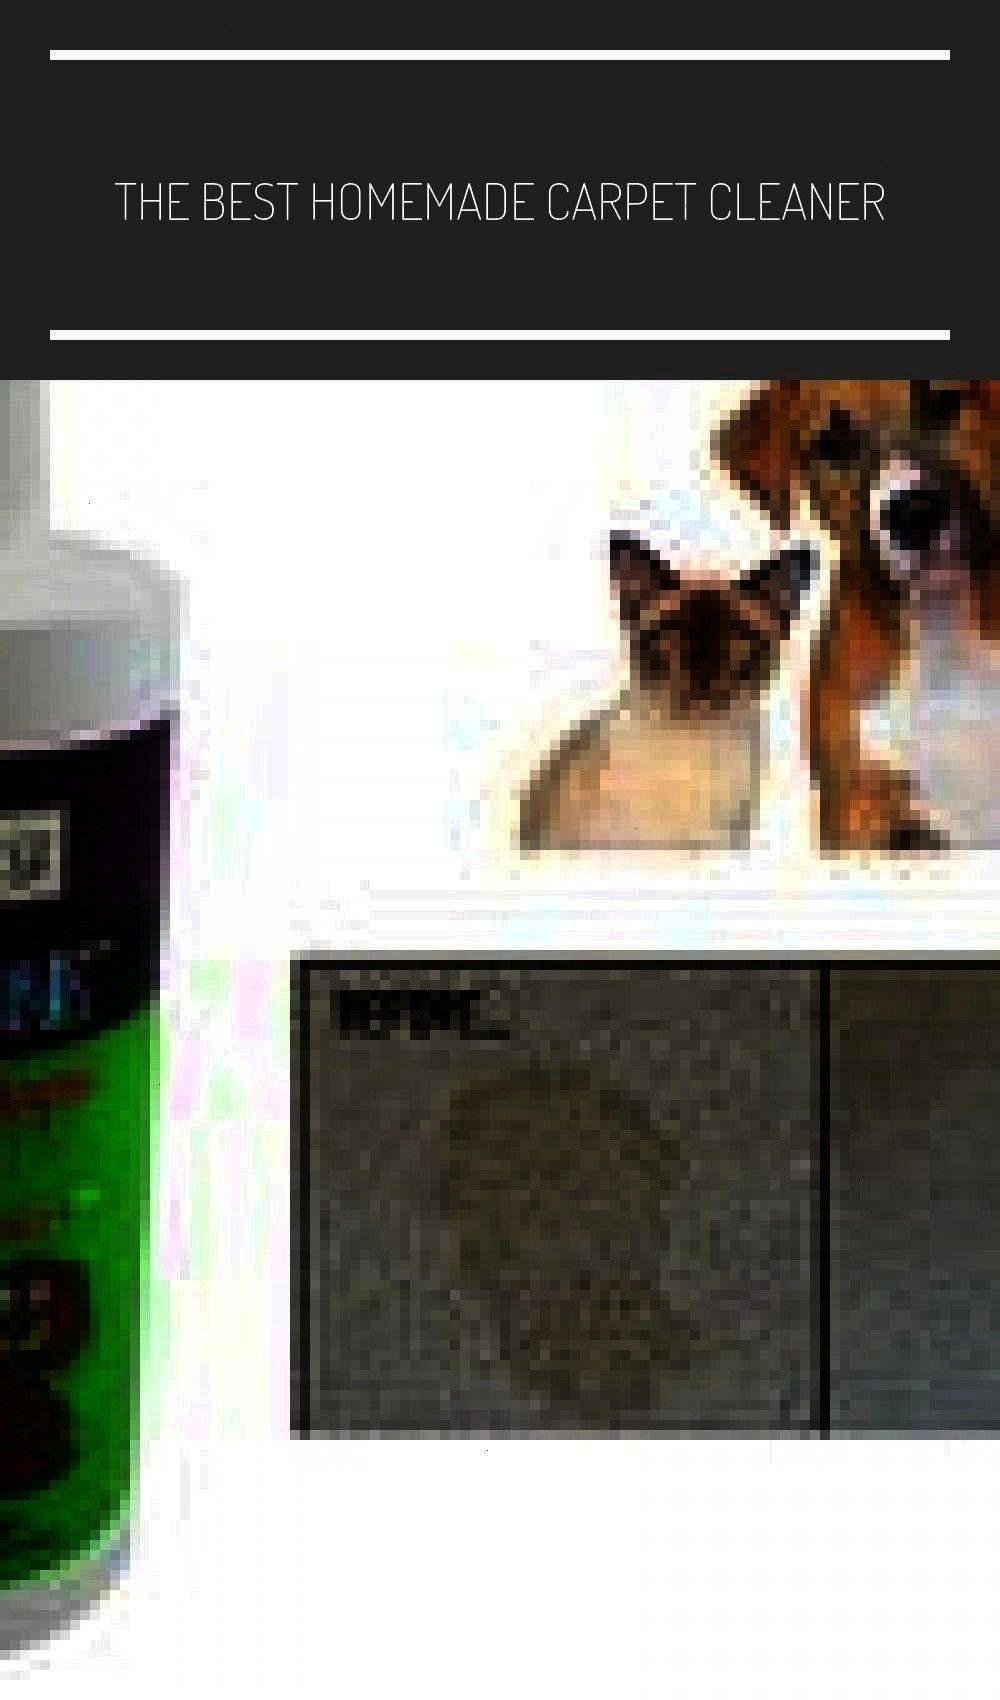 Carpetcleanerfordogurine Upholstery Beststain Odorodor Homemade Carpetcleanerfordogurine Upholstery In 2020 Pet Stains Carpet Cleaner Homemade Rugs On Carpet